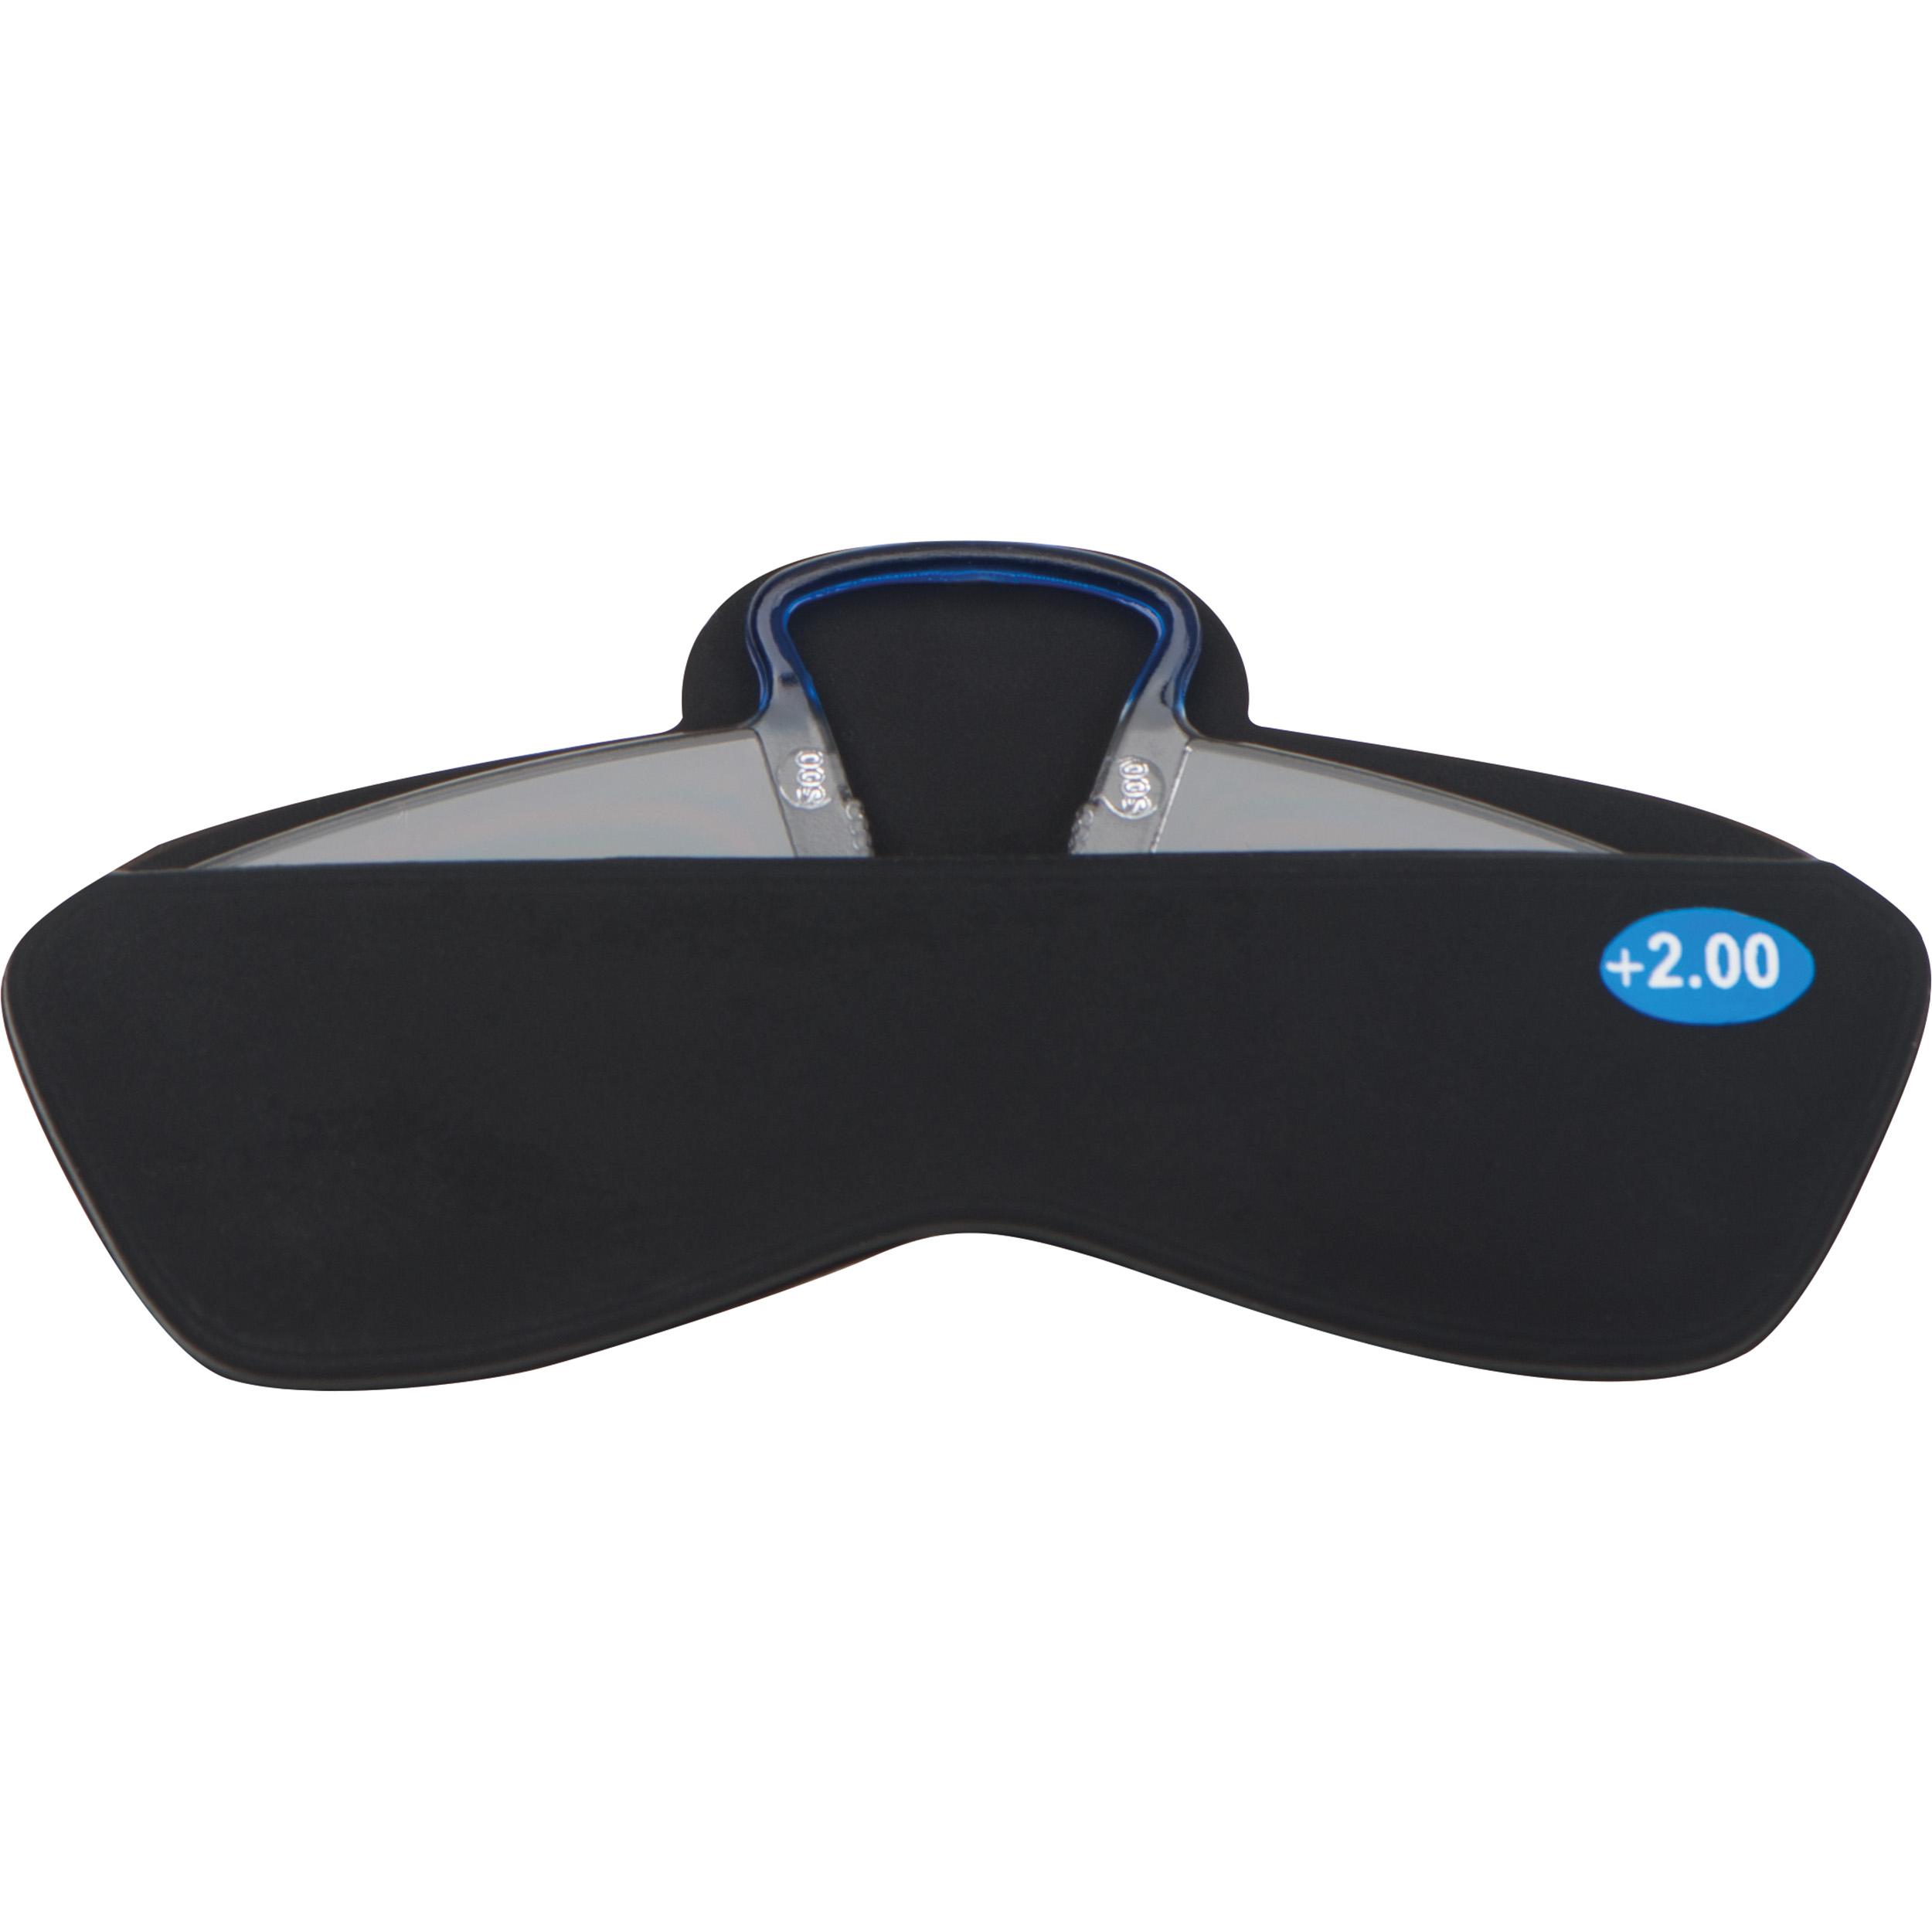 Poche en silicone avec lunettes inlcuses